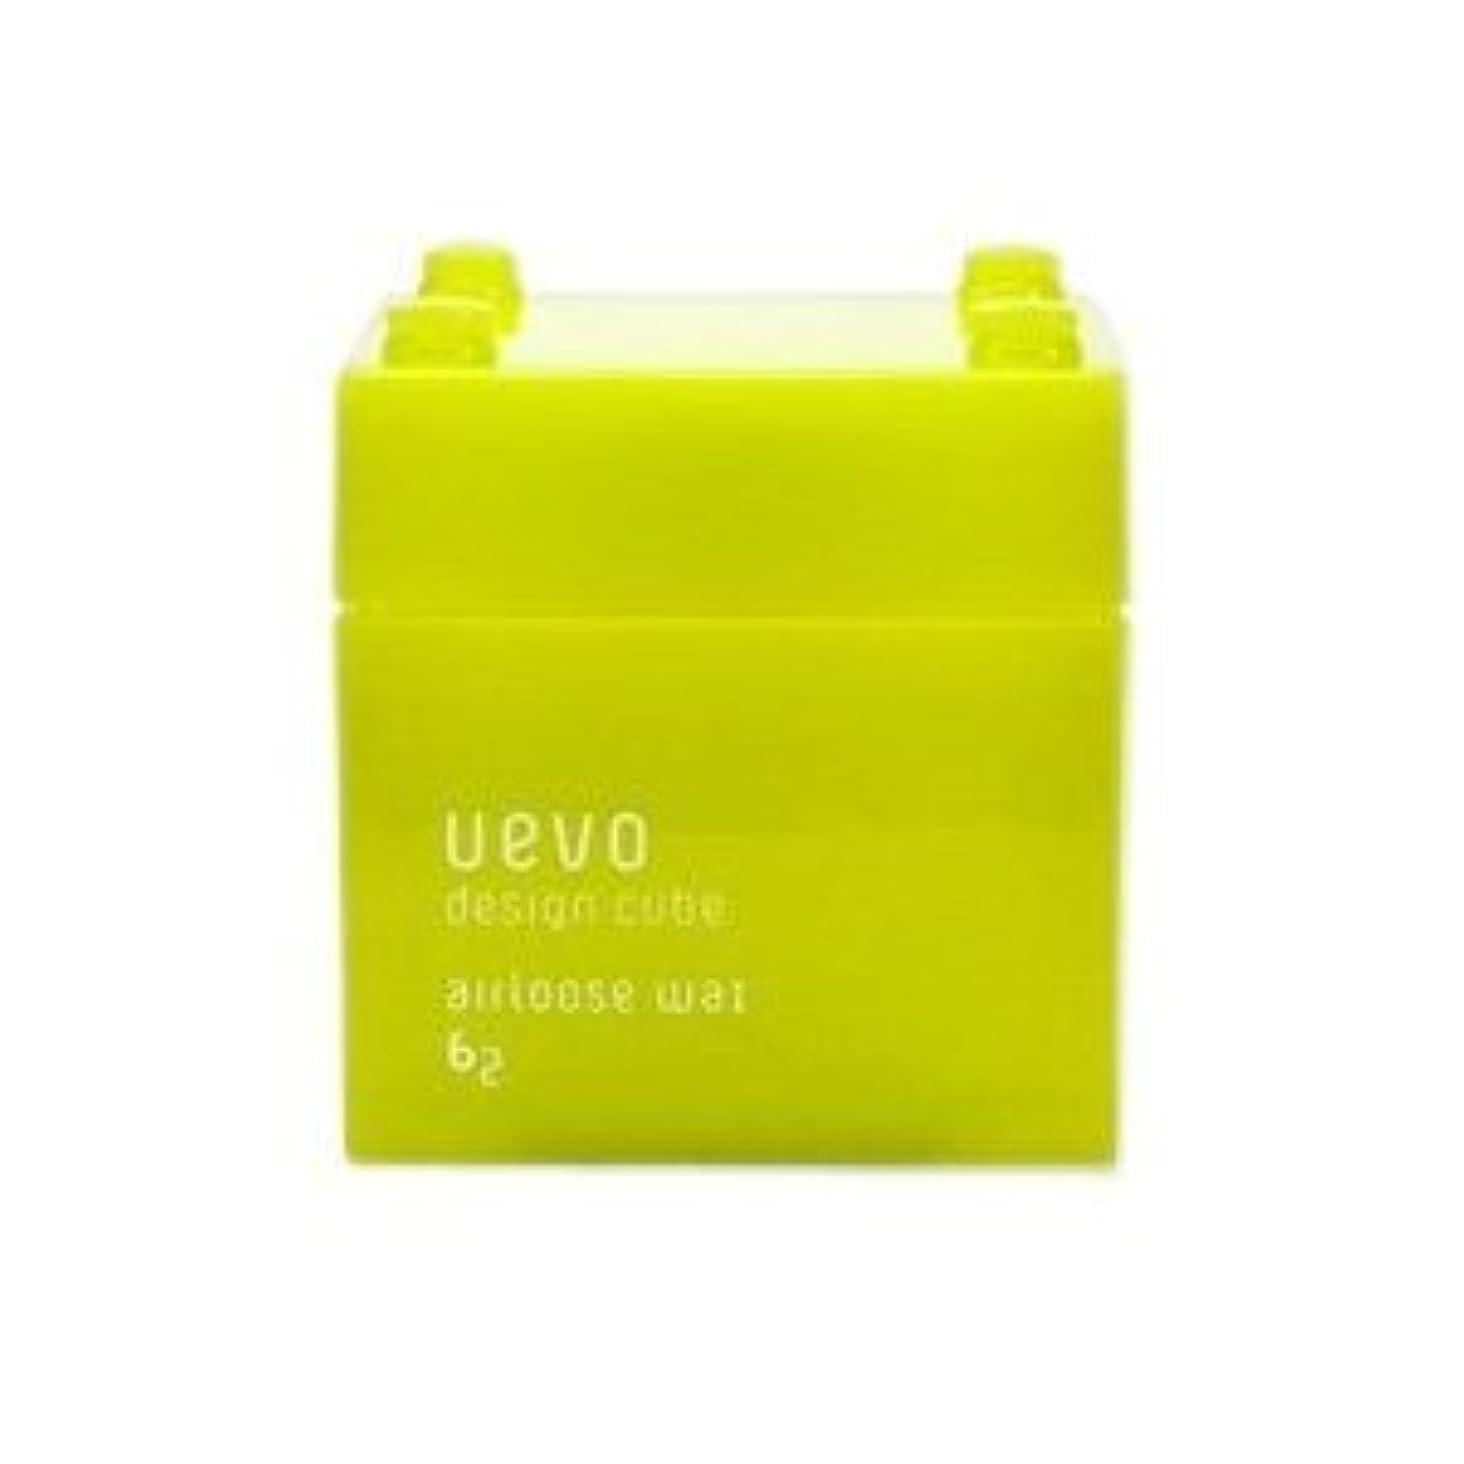 鳴り響くむき出し法的【X3個セット】 デミ ウェーボ デザインキューブ エアルーズワックス 80g airloose wax DEMI uevo design cube